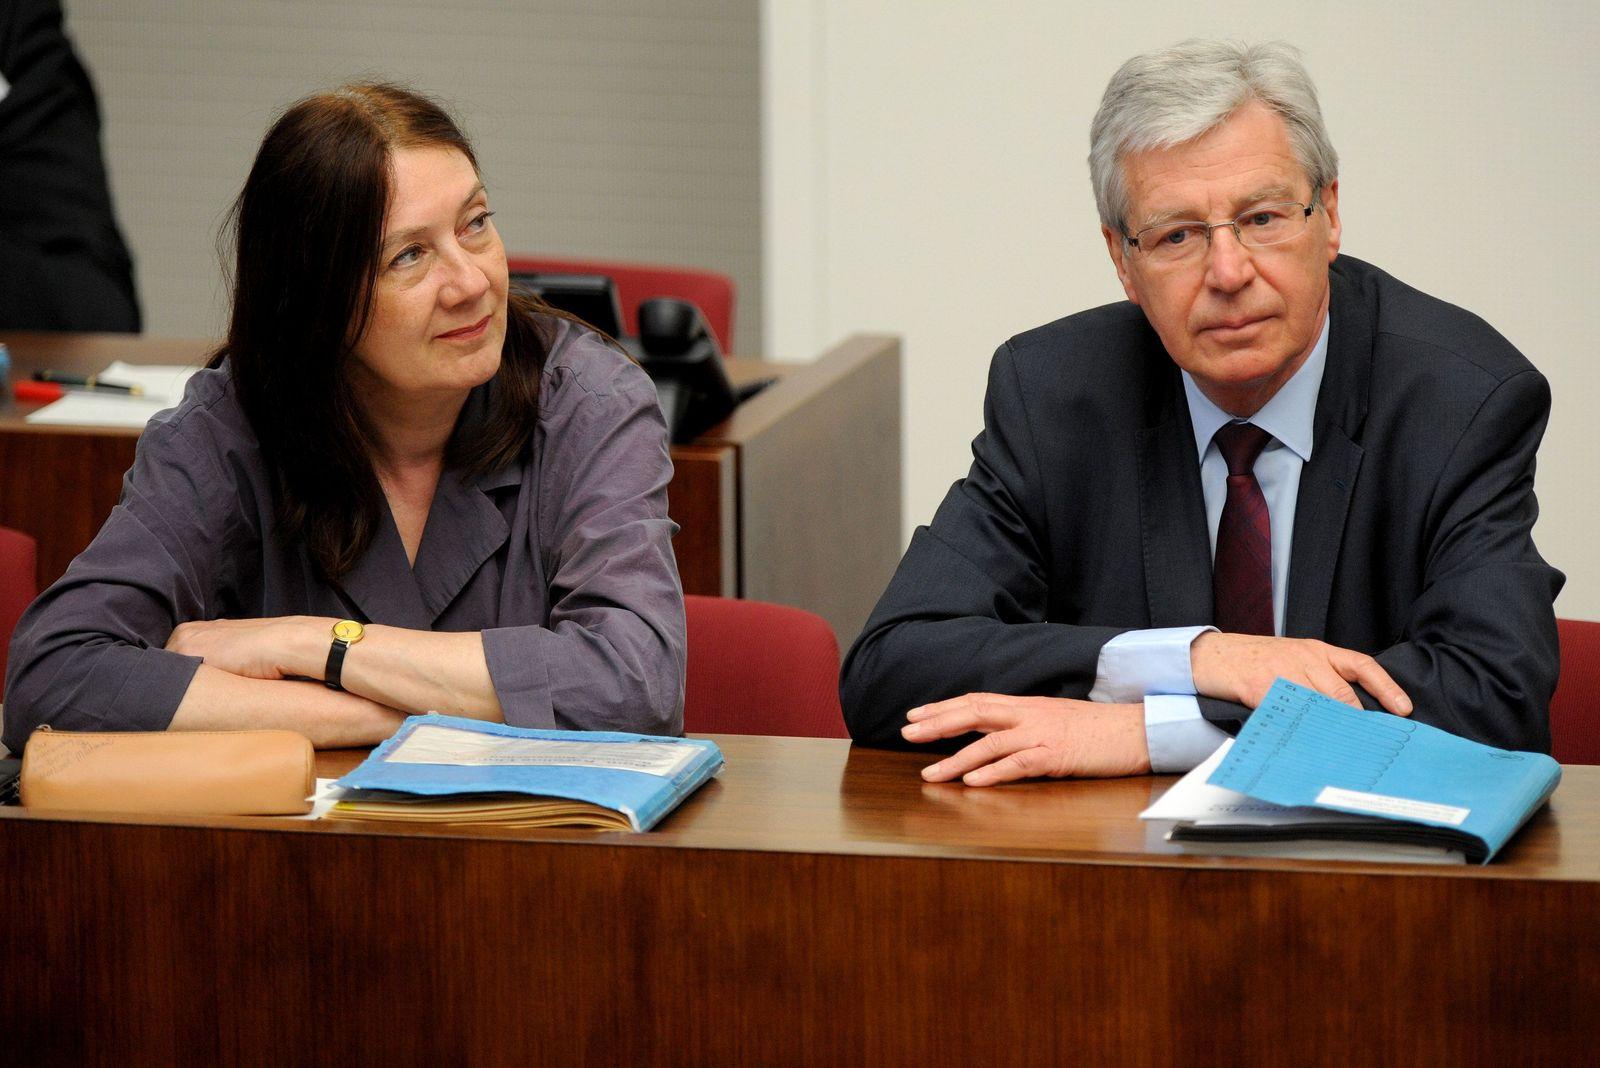 Kandidaten Bremen Wahl 2015 / Linnert